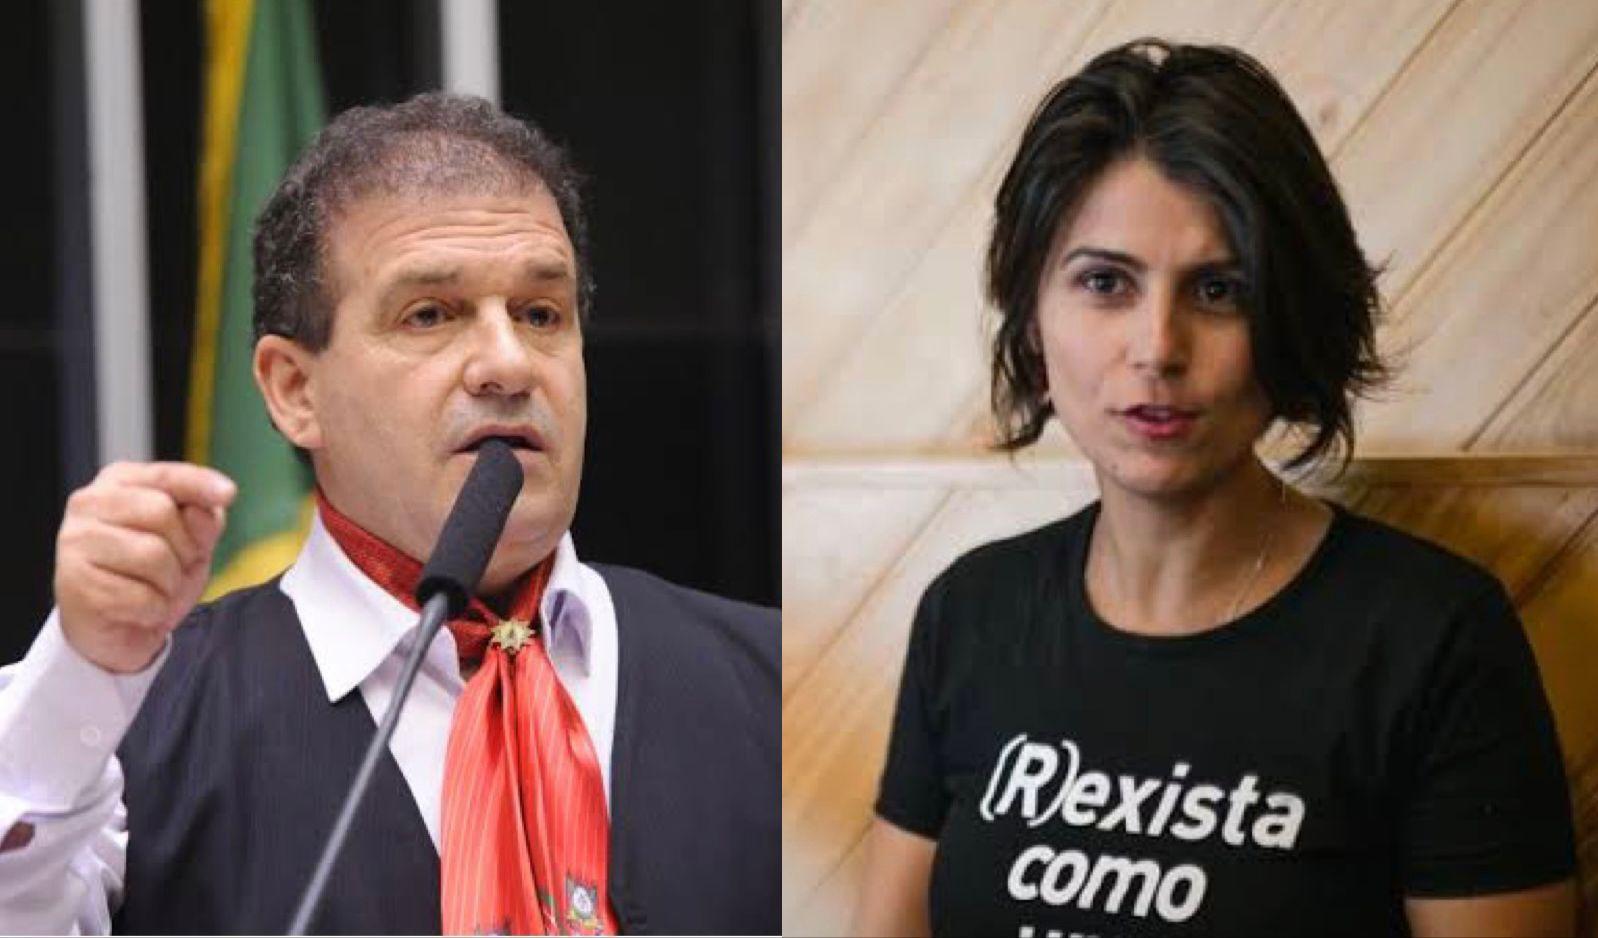 Manuela d'Ávilla perde processo contra o deputado Pompeo